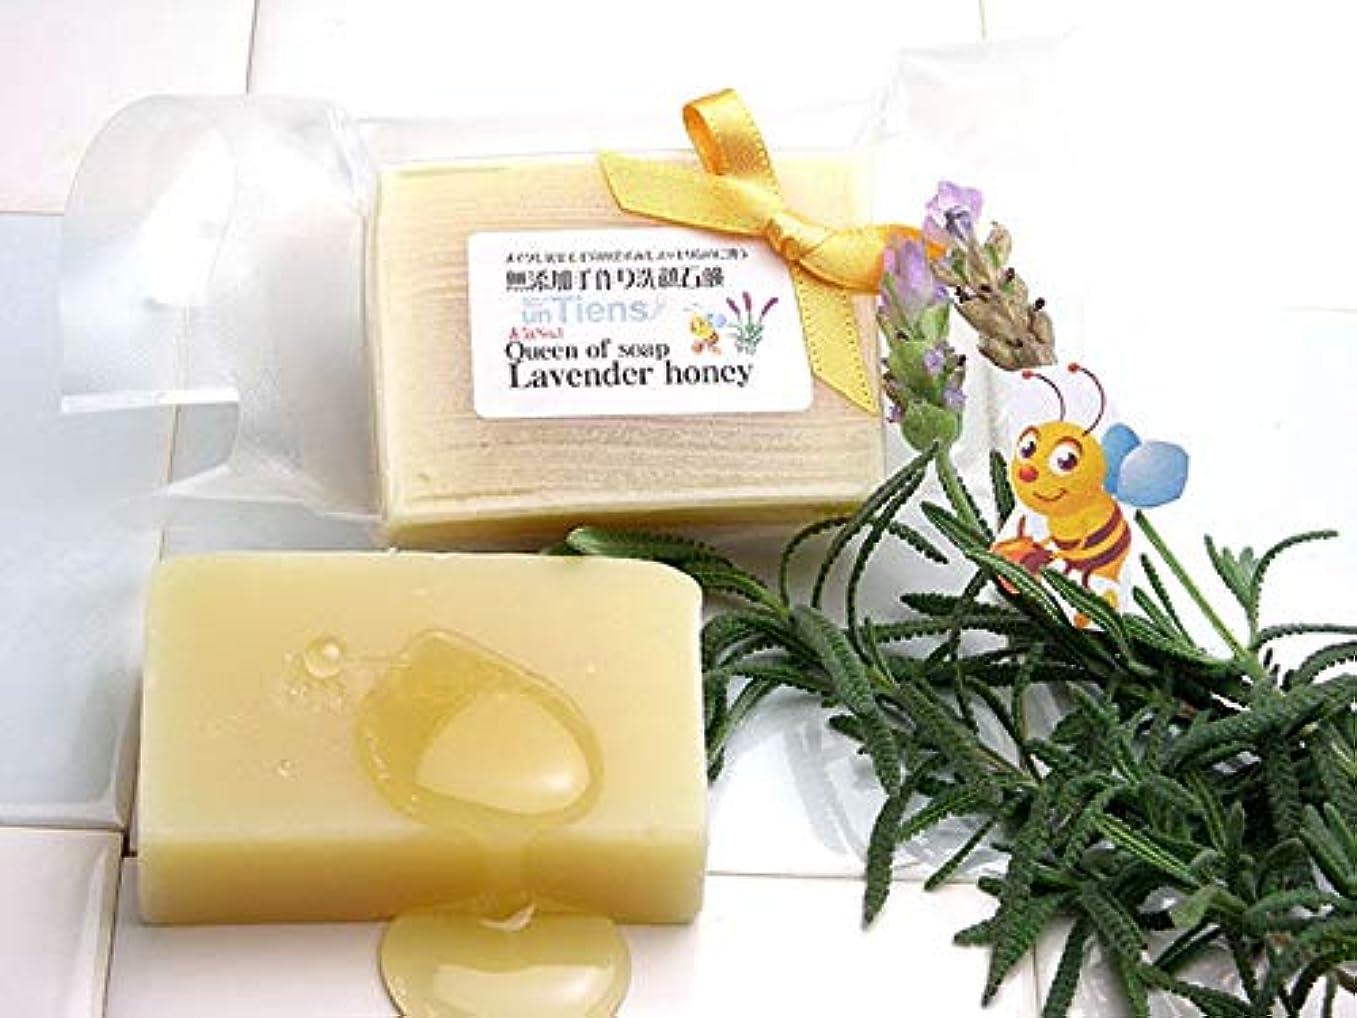 手作り洗顔石鹸アンティアン クイーンオブソープ 人気No,1、潤いの洗顔、毛穴もスッキリ明るい肌色「ラベンダーハニー」 40g